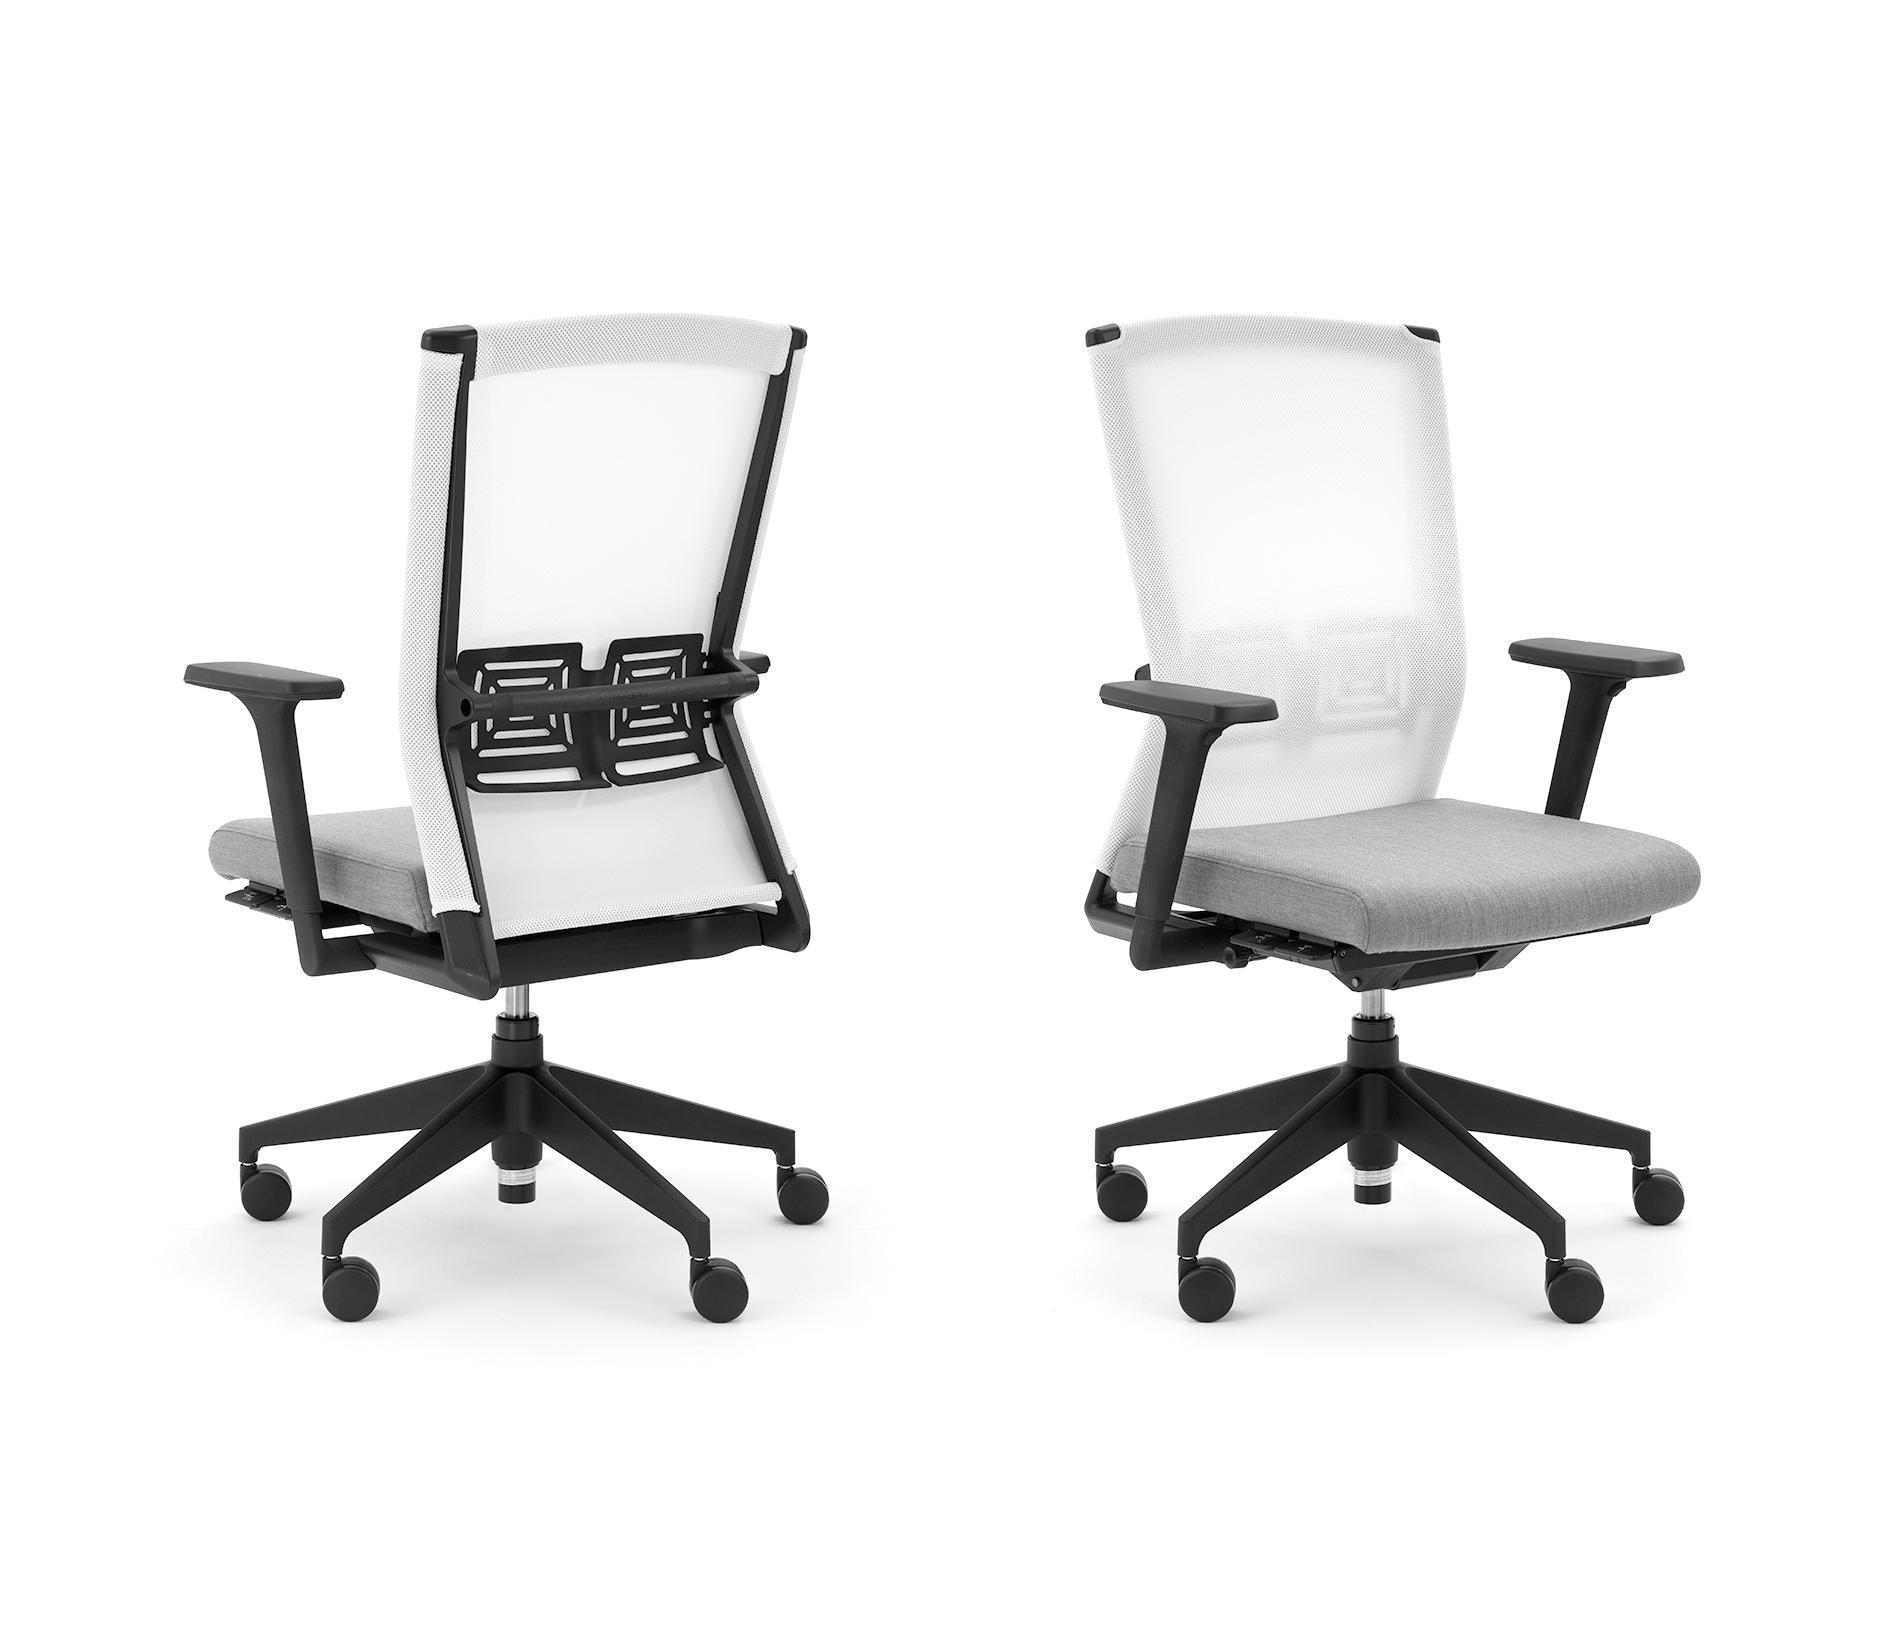 DYNAFLEX Task chairs from Haworth